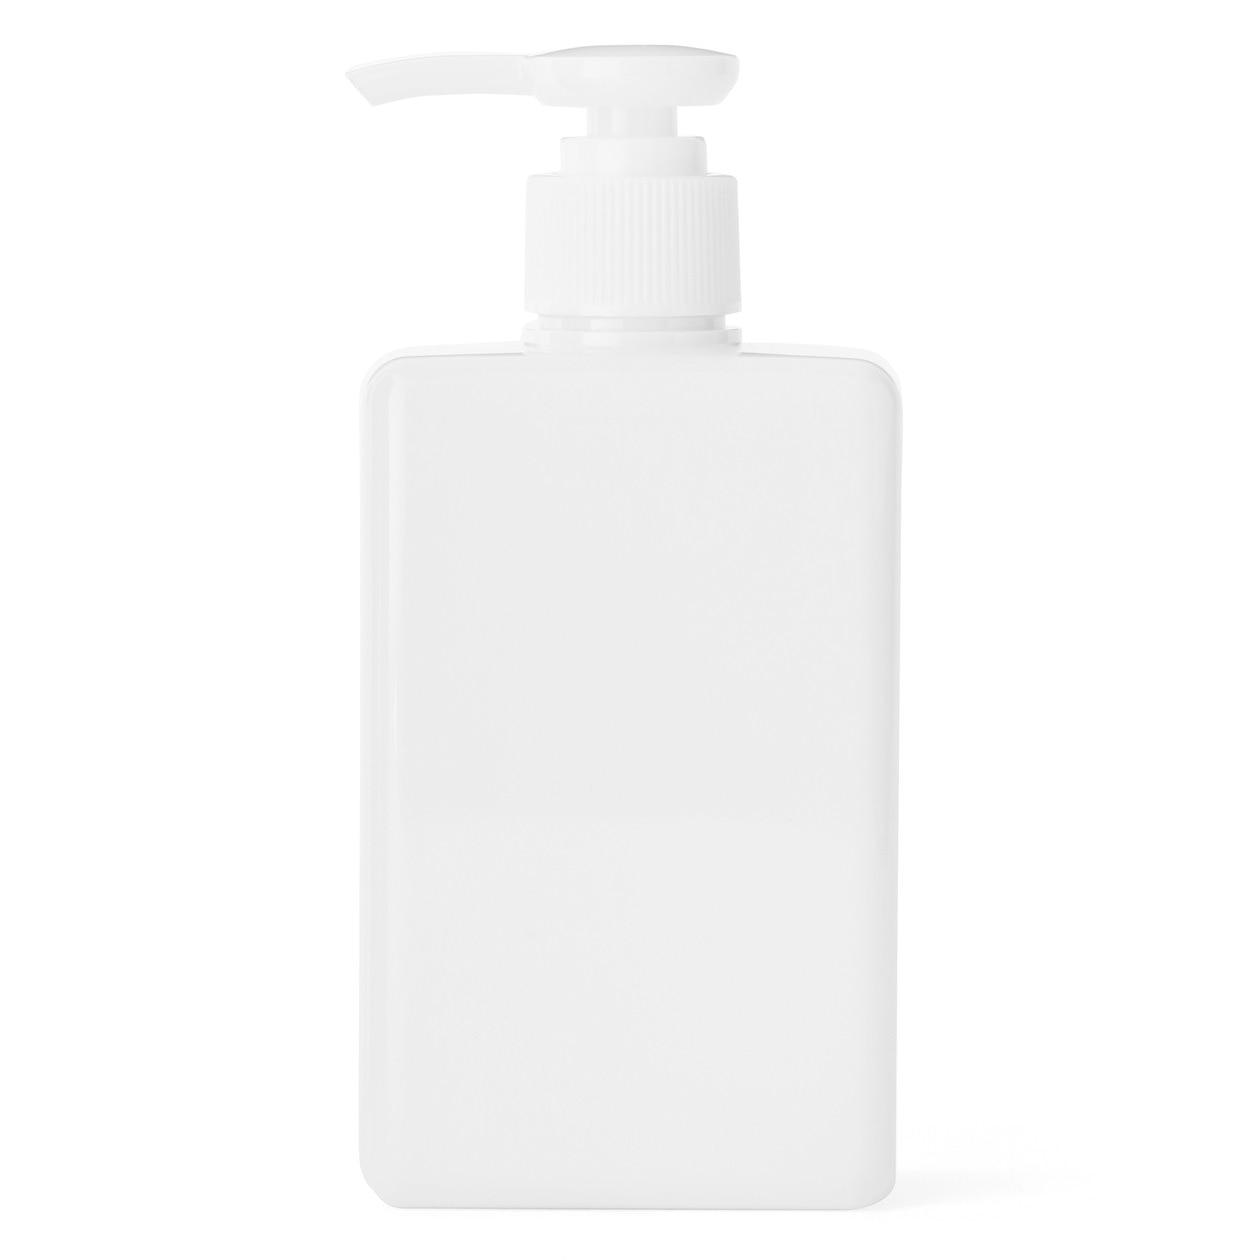 RoomClip商品情報 - PET詰替ボトル ホワイト 280ml用